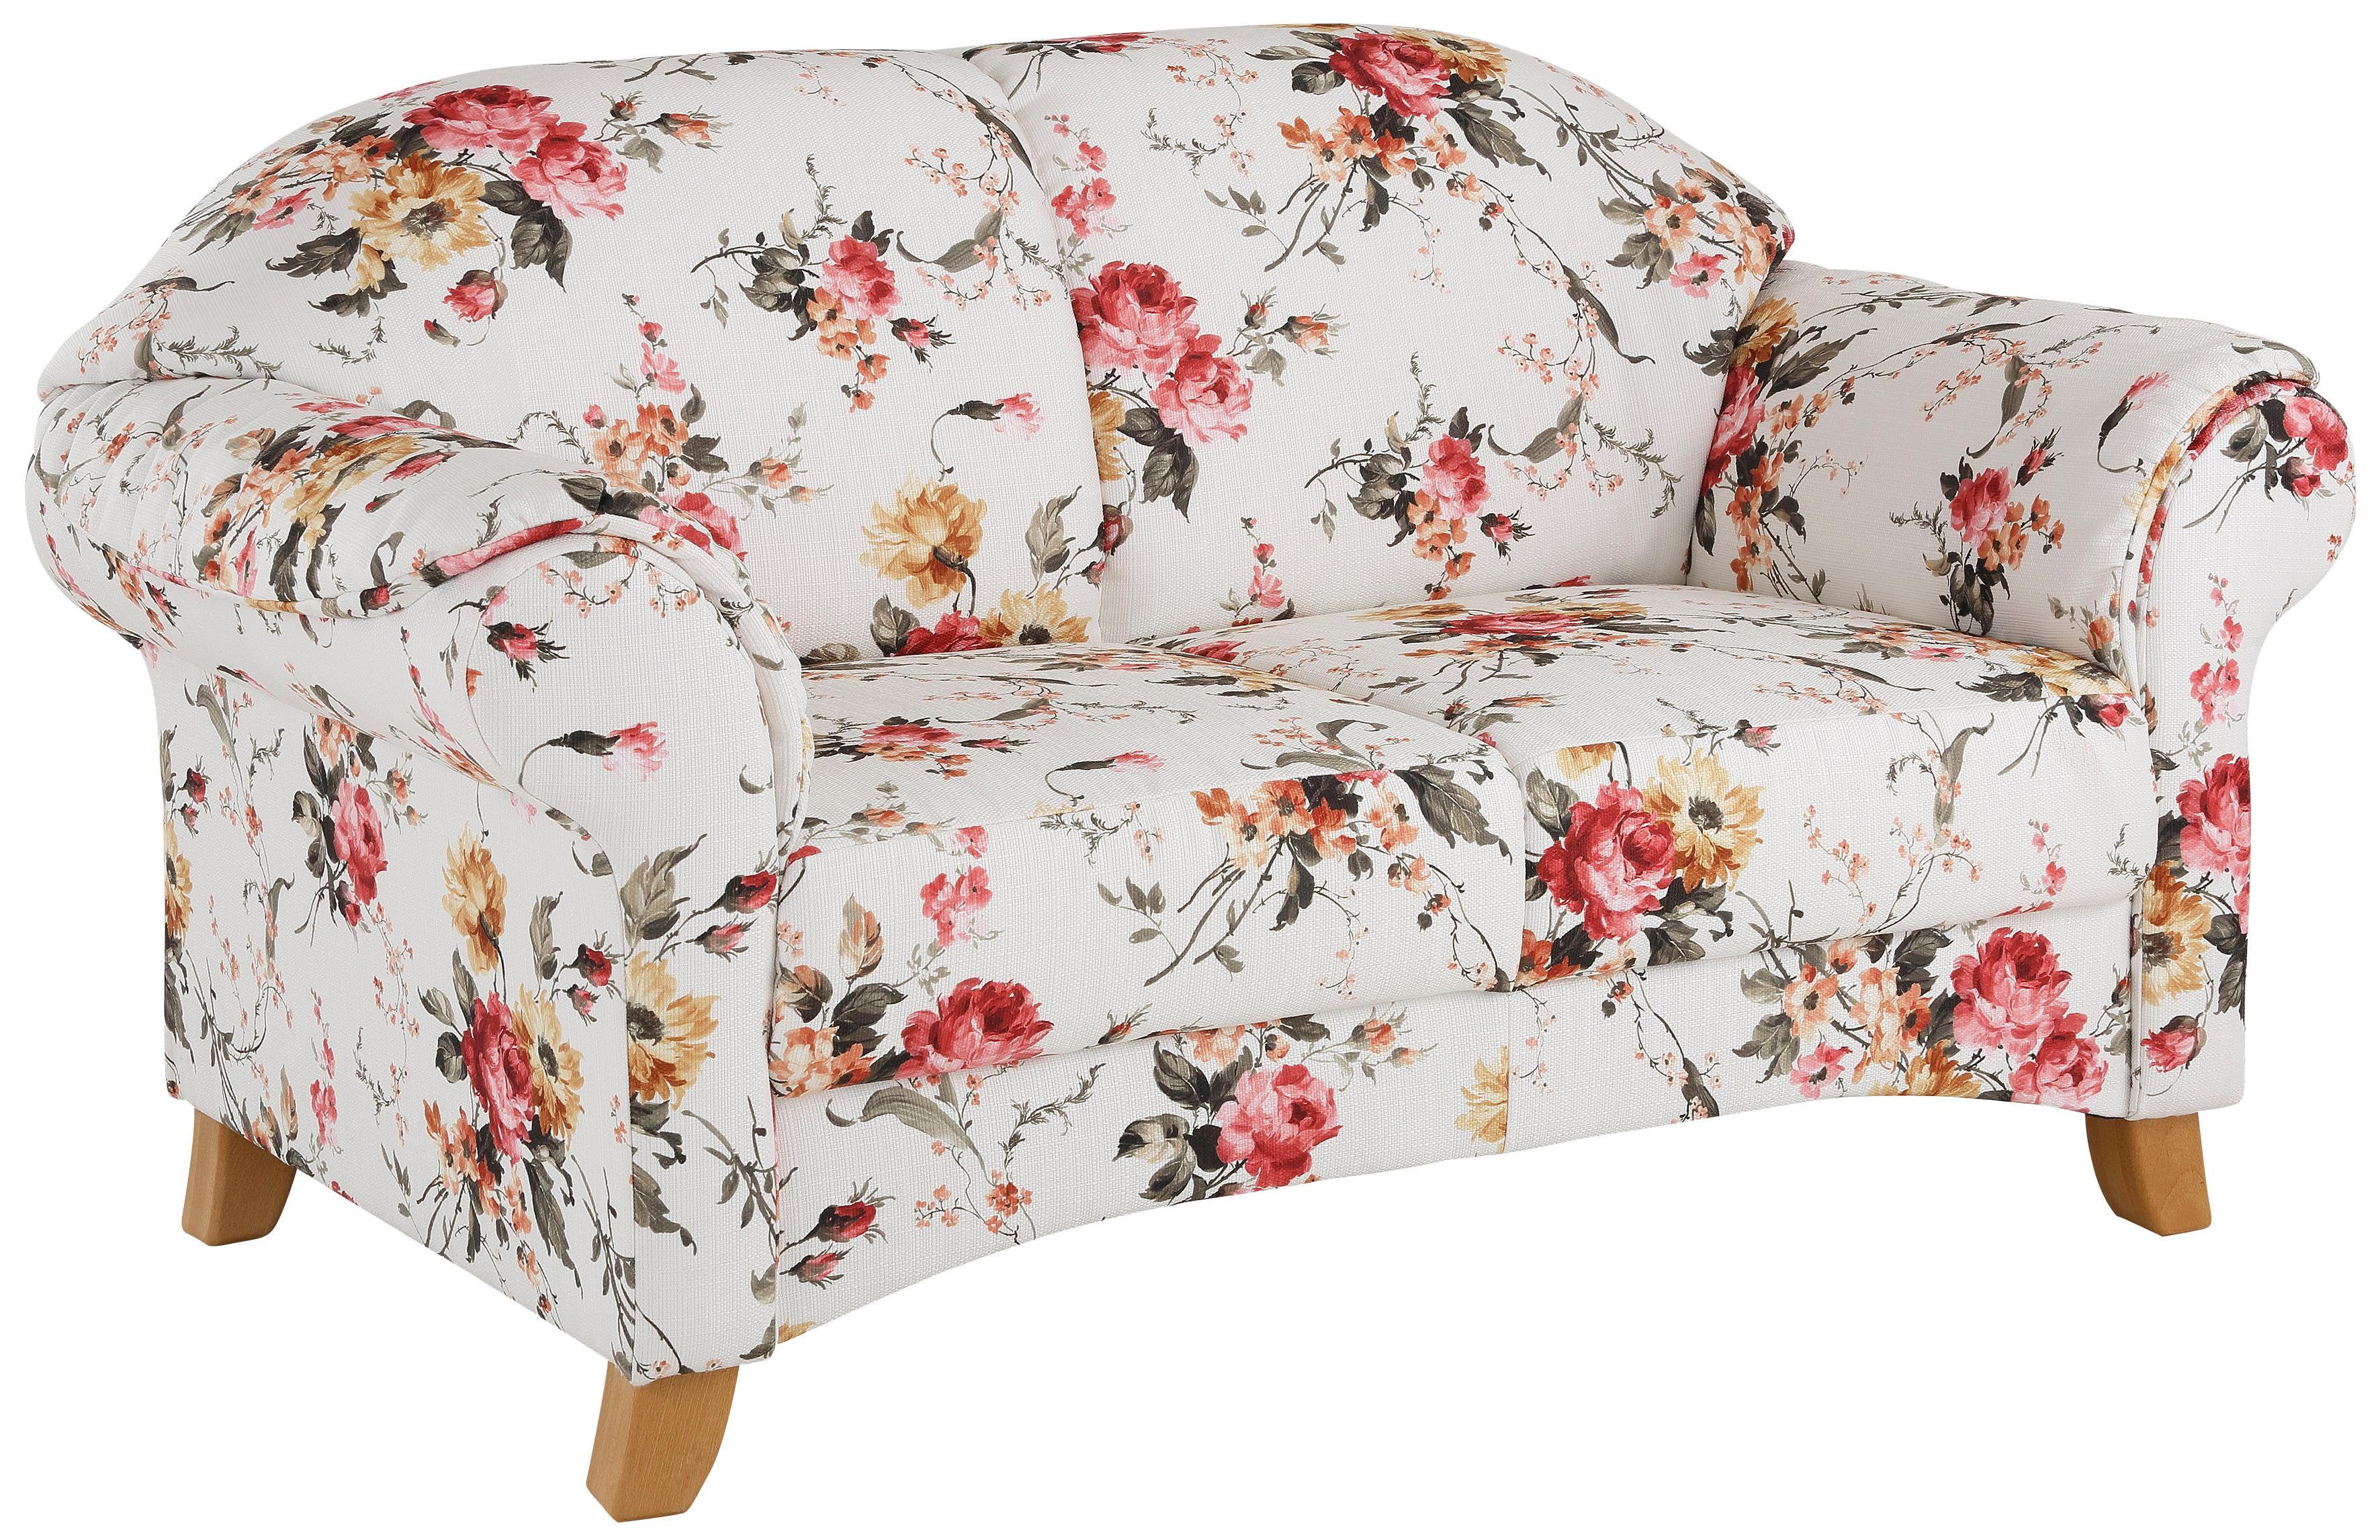 Home affaire 3-Sitzer Mayfair mit Blumenmuster